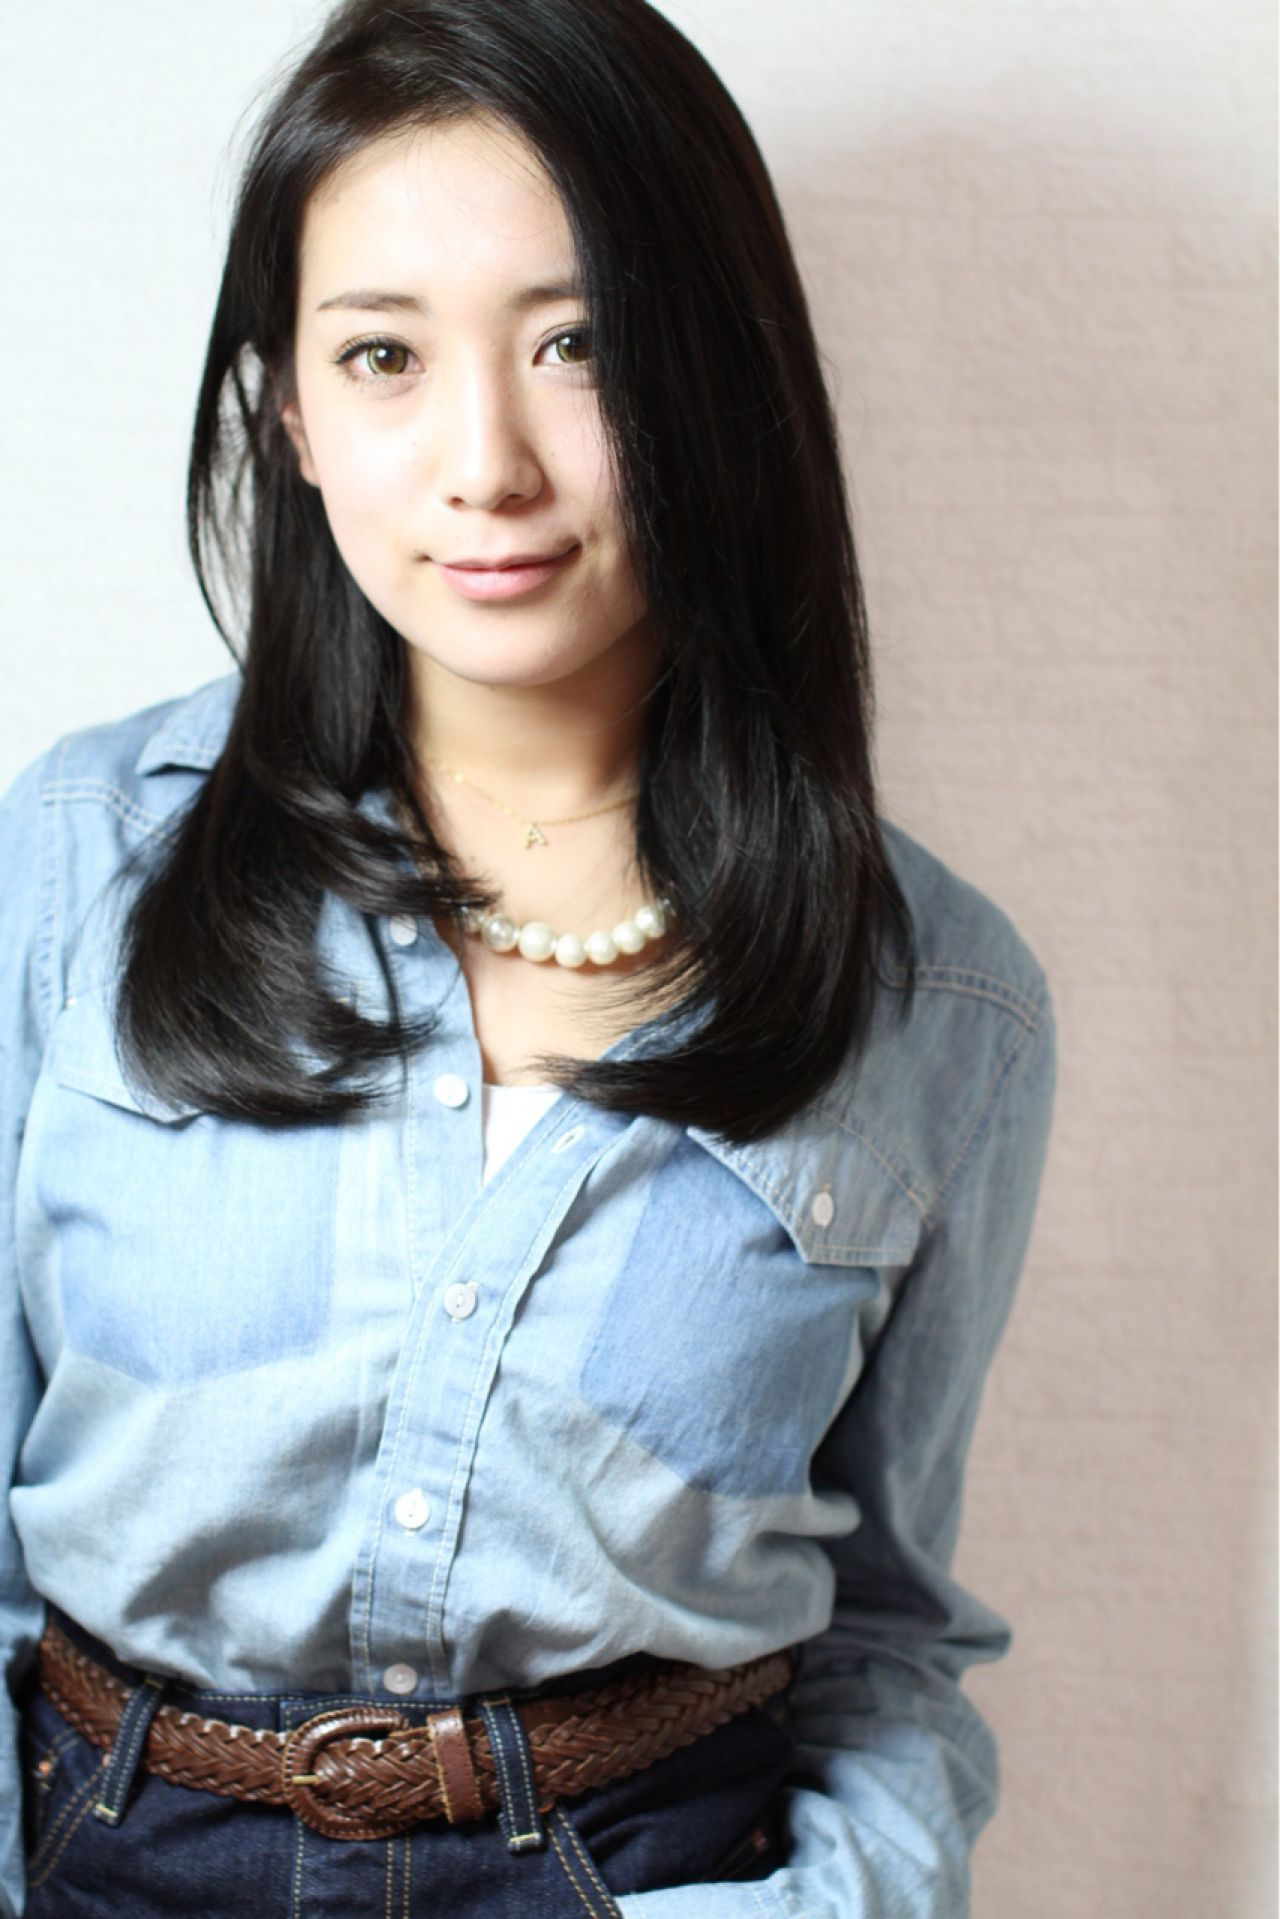 モテる黒髪はセミロングでしょ!清楚で可愛い黒髪セミロング10選! Yusuke Miichi